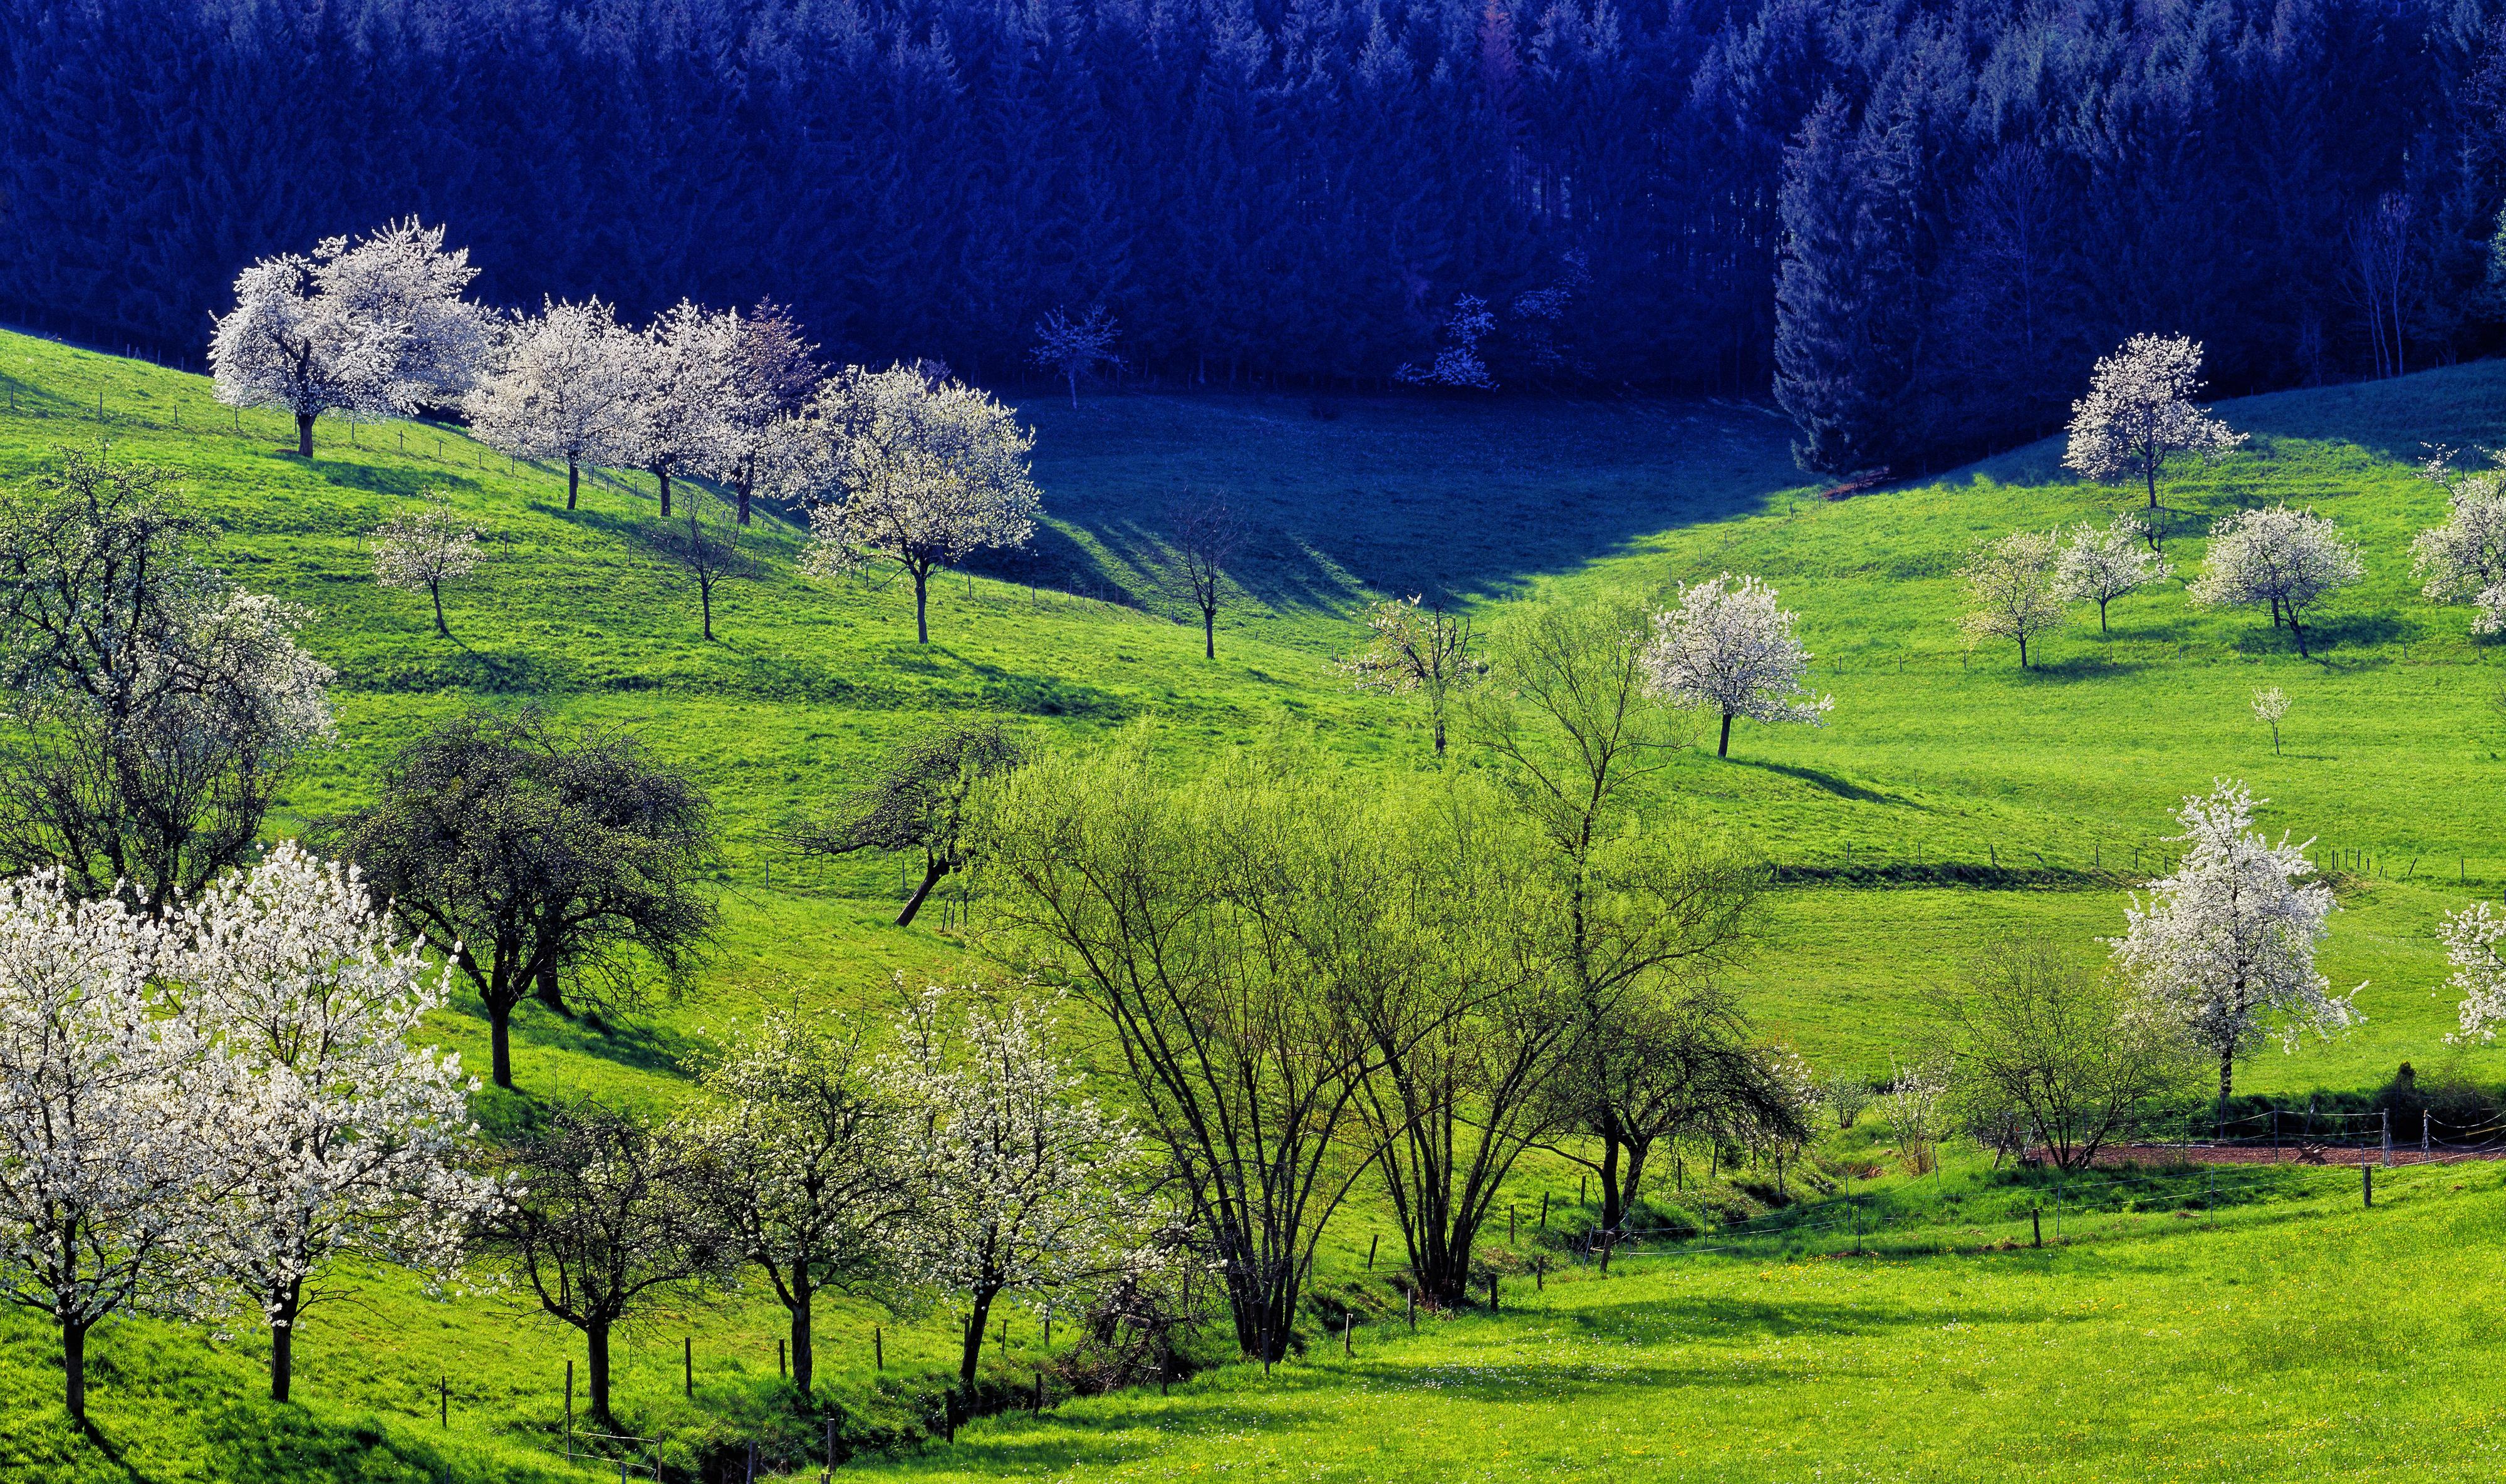 cherry blossom near Sitzenkirch